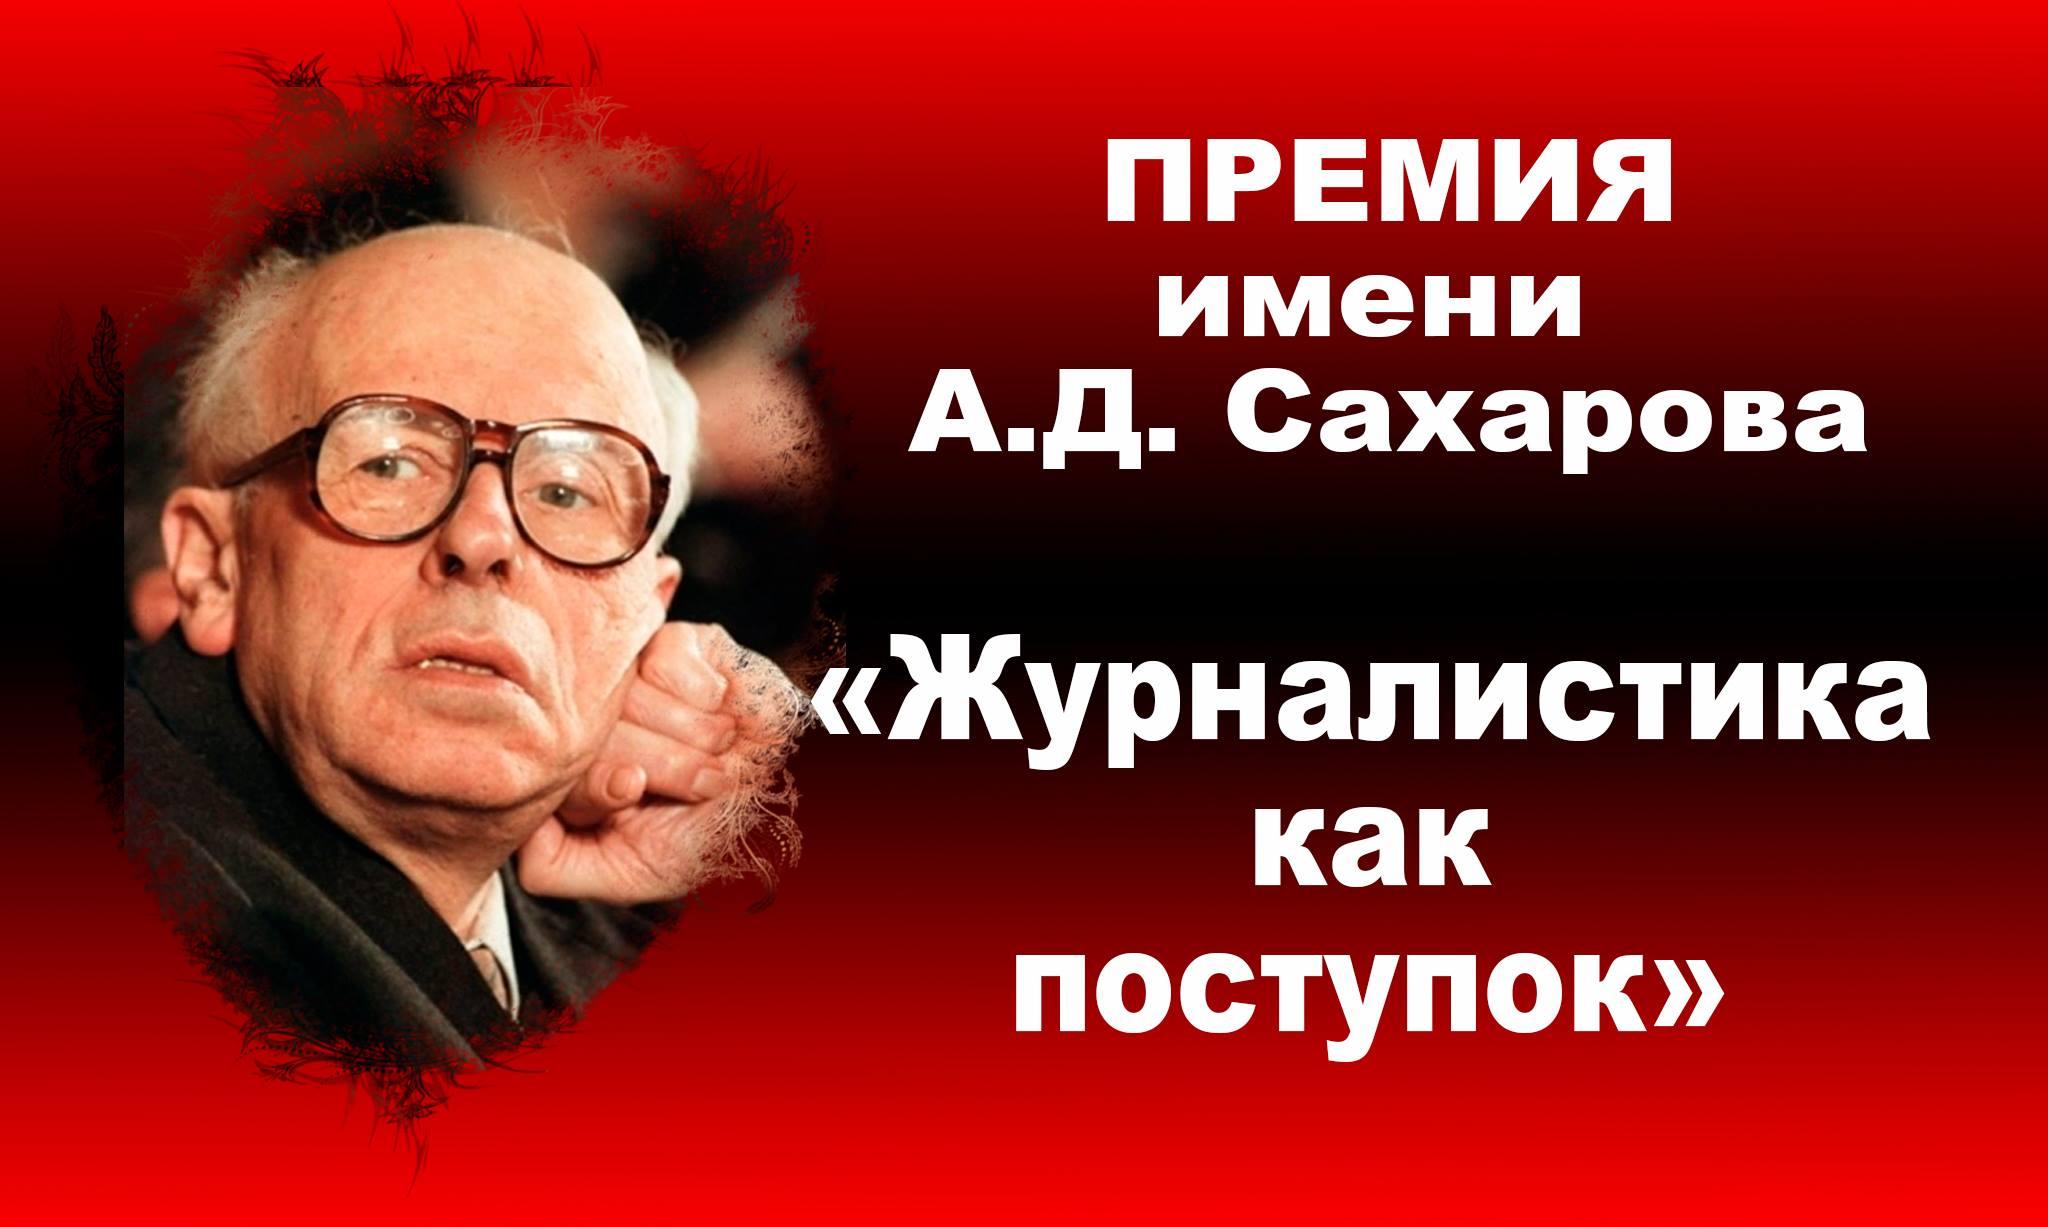 44282c163a7f Премия имени Сахарова вручается ежегодно в День прав человека. Коллаж   Андрей Чеплаков